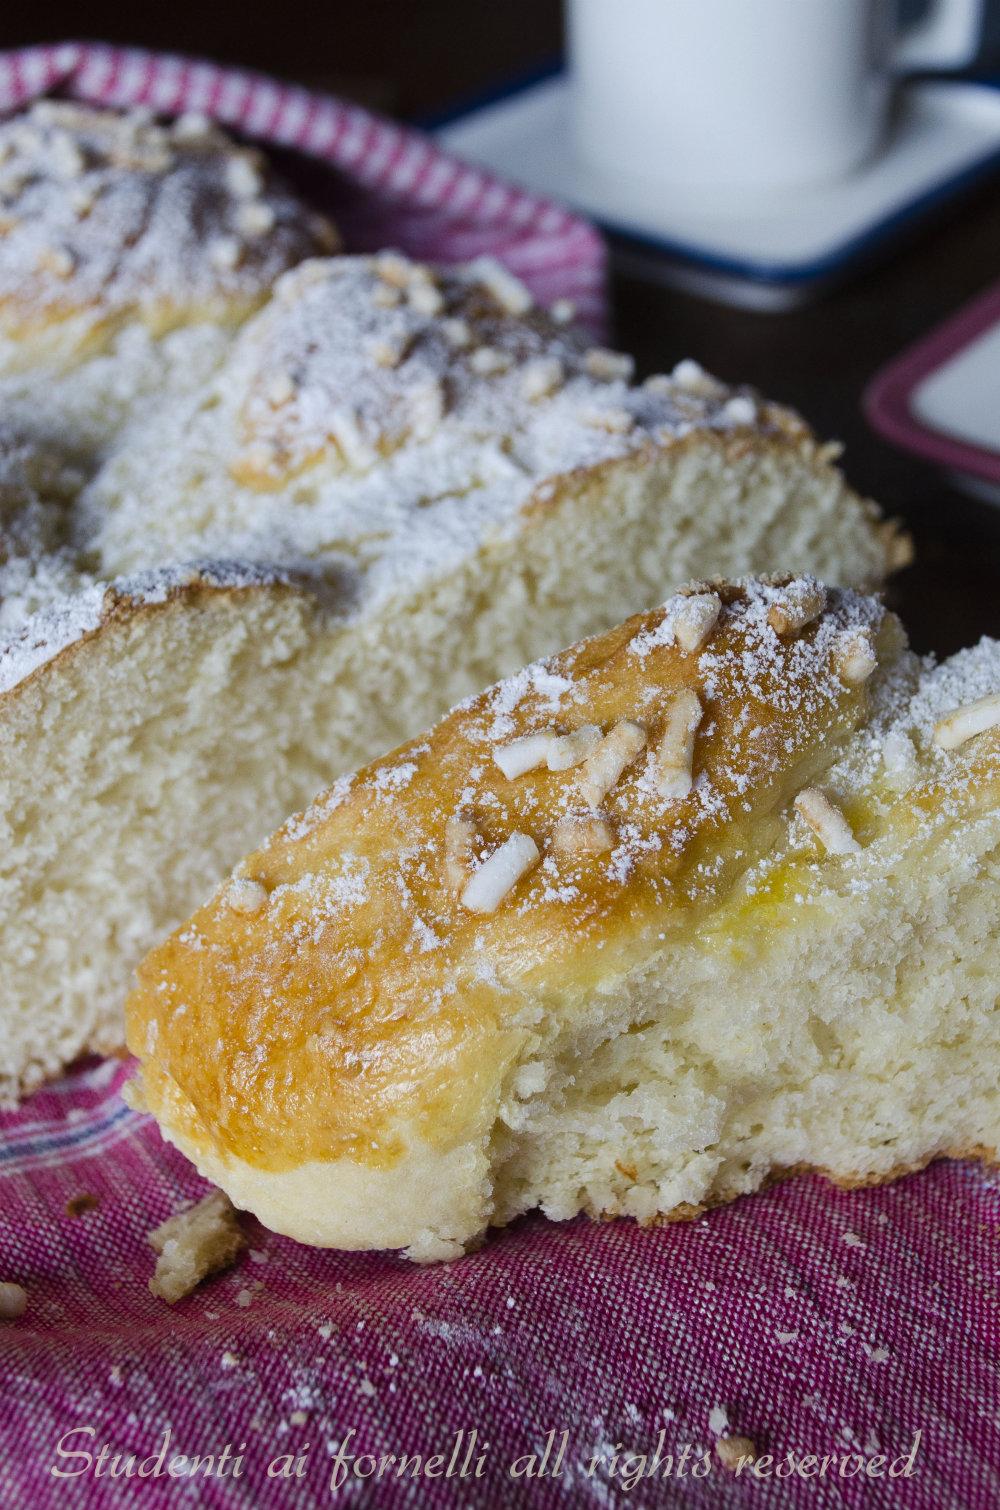 treccia brioche alla panna ricetta brioche soffice soffice da farcire con nutella o marmellata